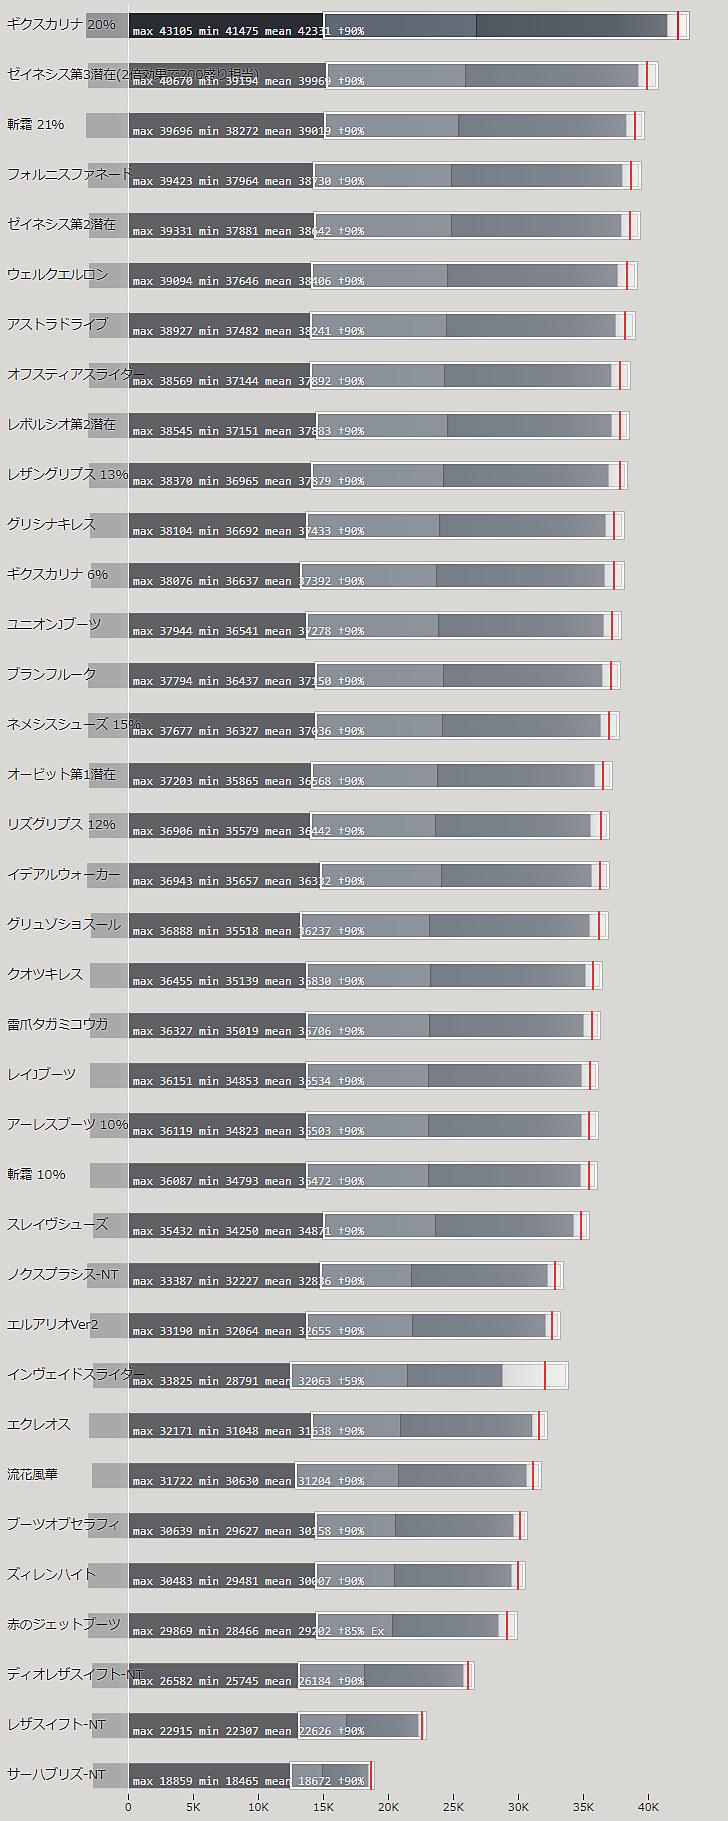 ジェットブーツの火力比較ランキング表